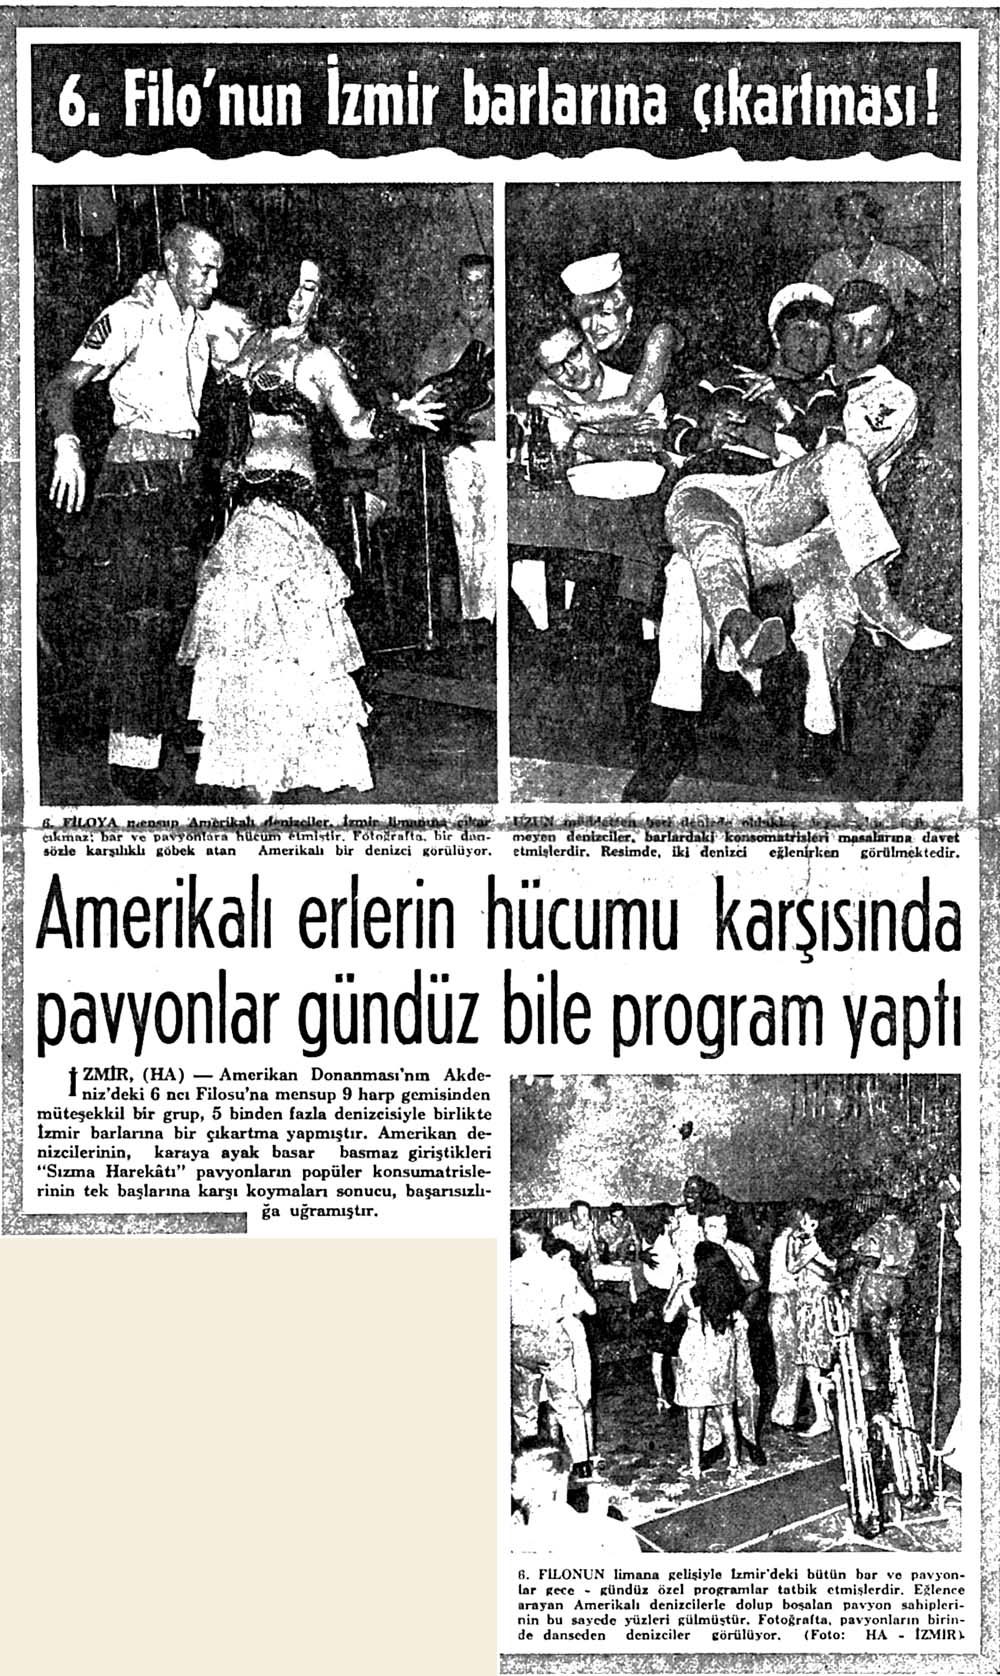 6.Filo'nun İzmir barlarına çıkartması!